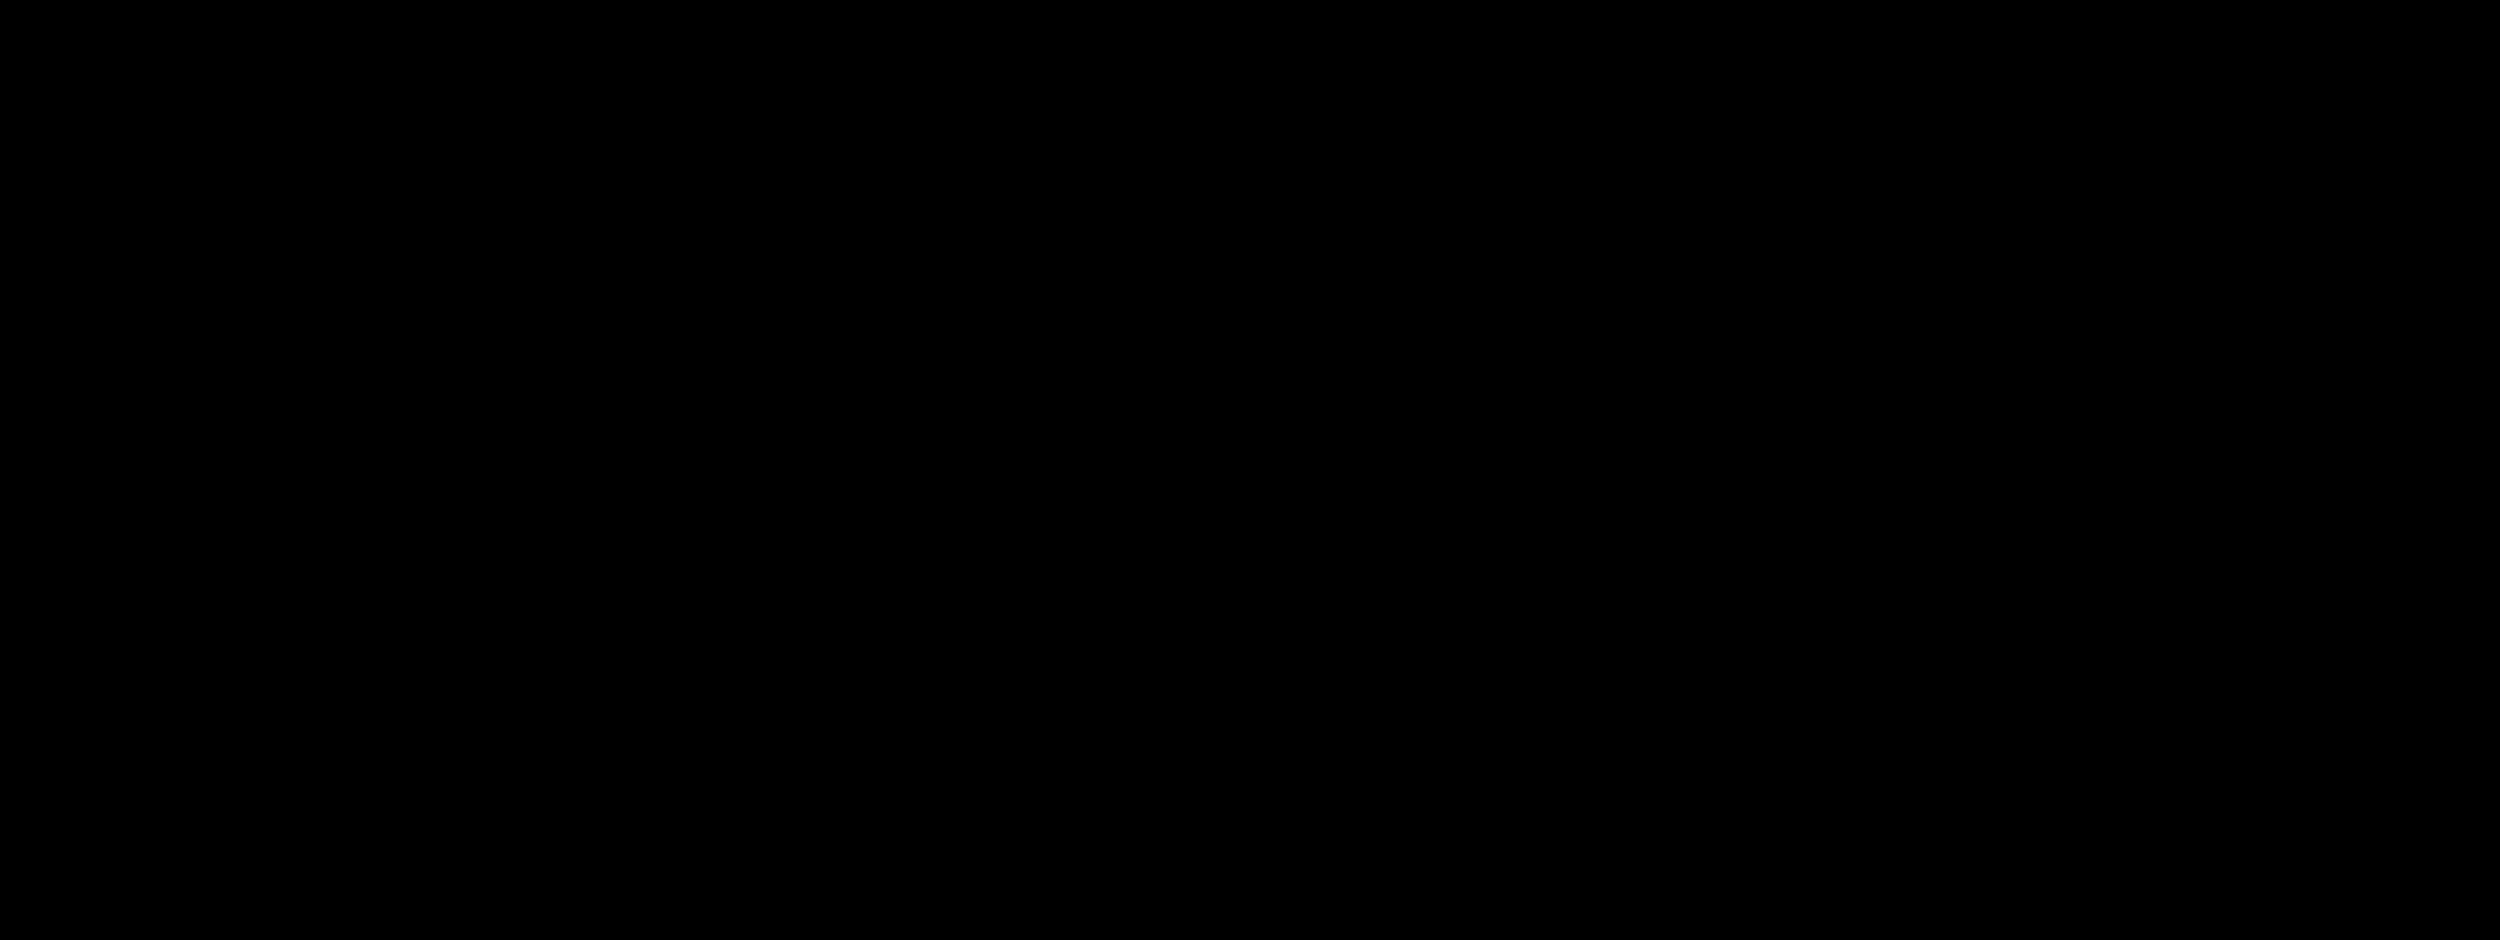 Basic Logo - Black.png